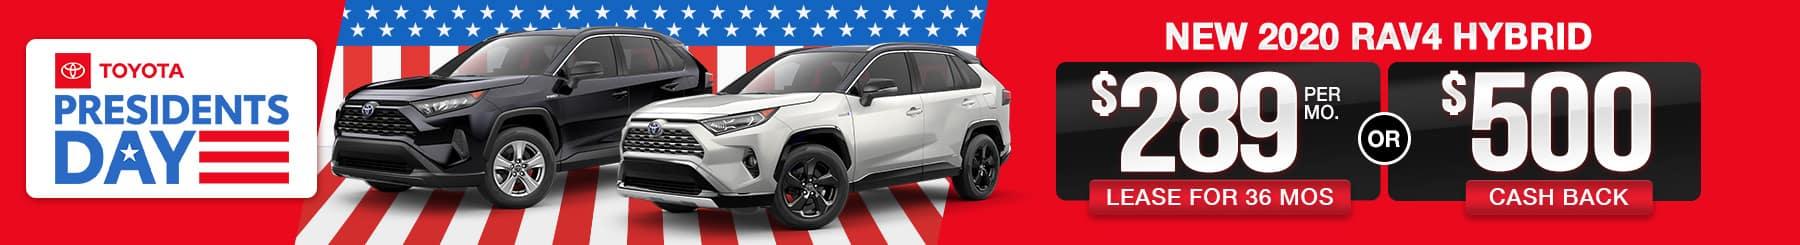 Best Toyota RAV4 Hybrid For Sale